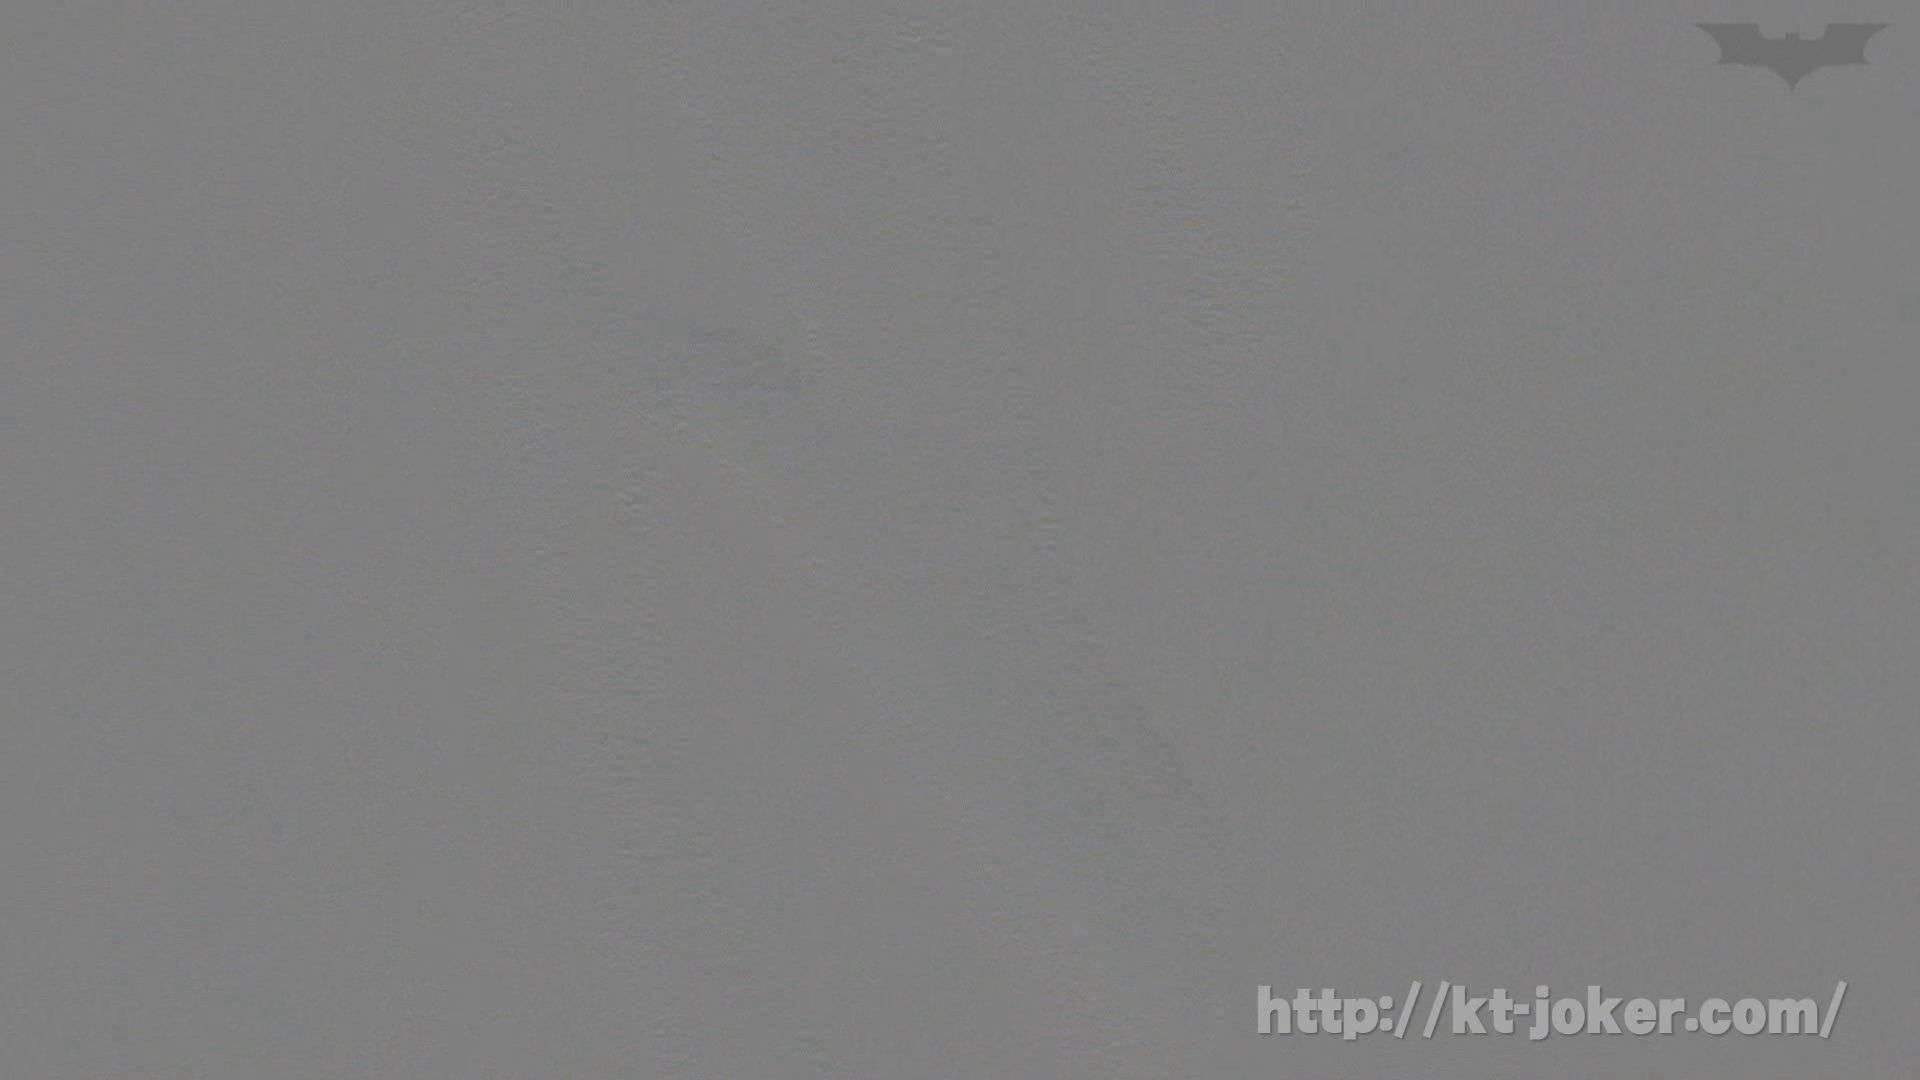 命がけ潜伏洗面所! vol.68 レベルアップ!! OL女体 | 洗面所  51連発 28